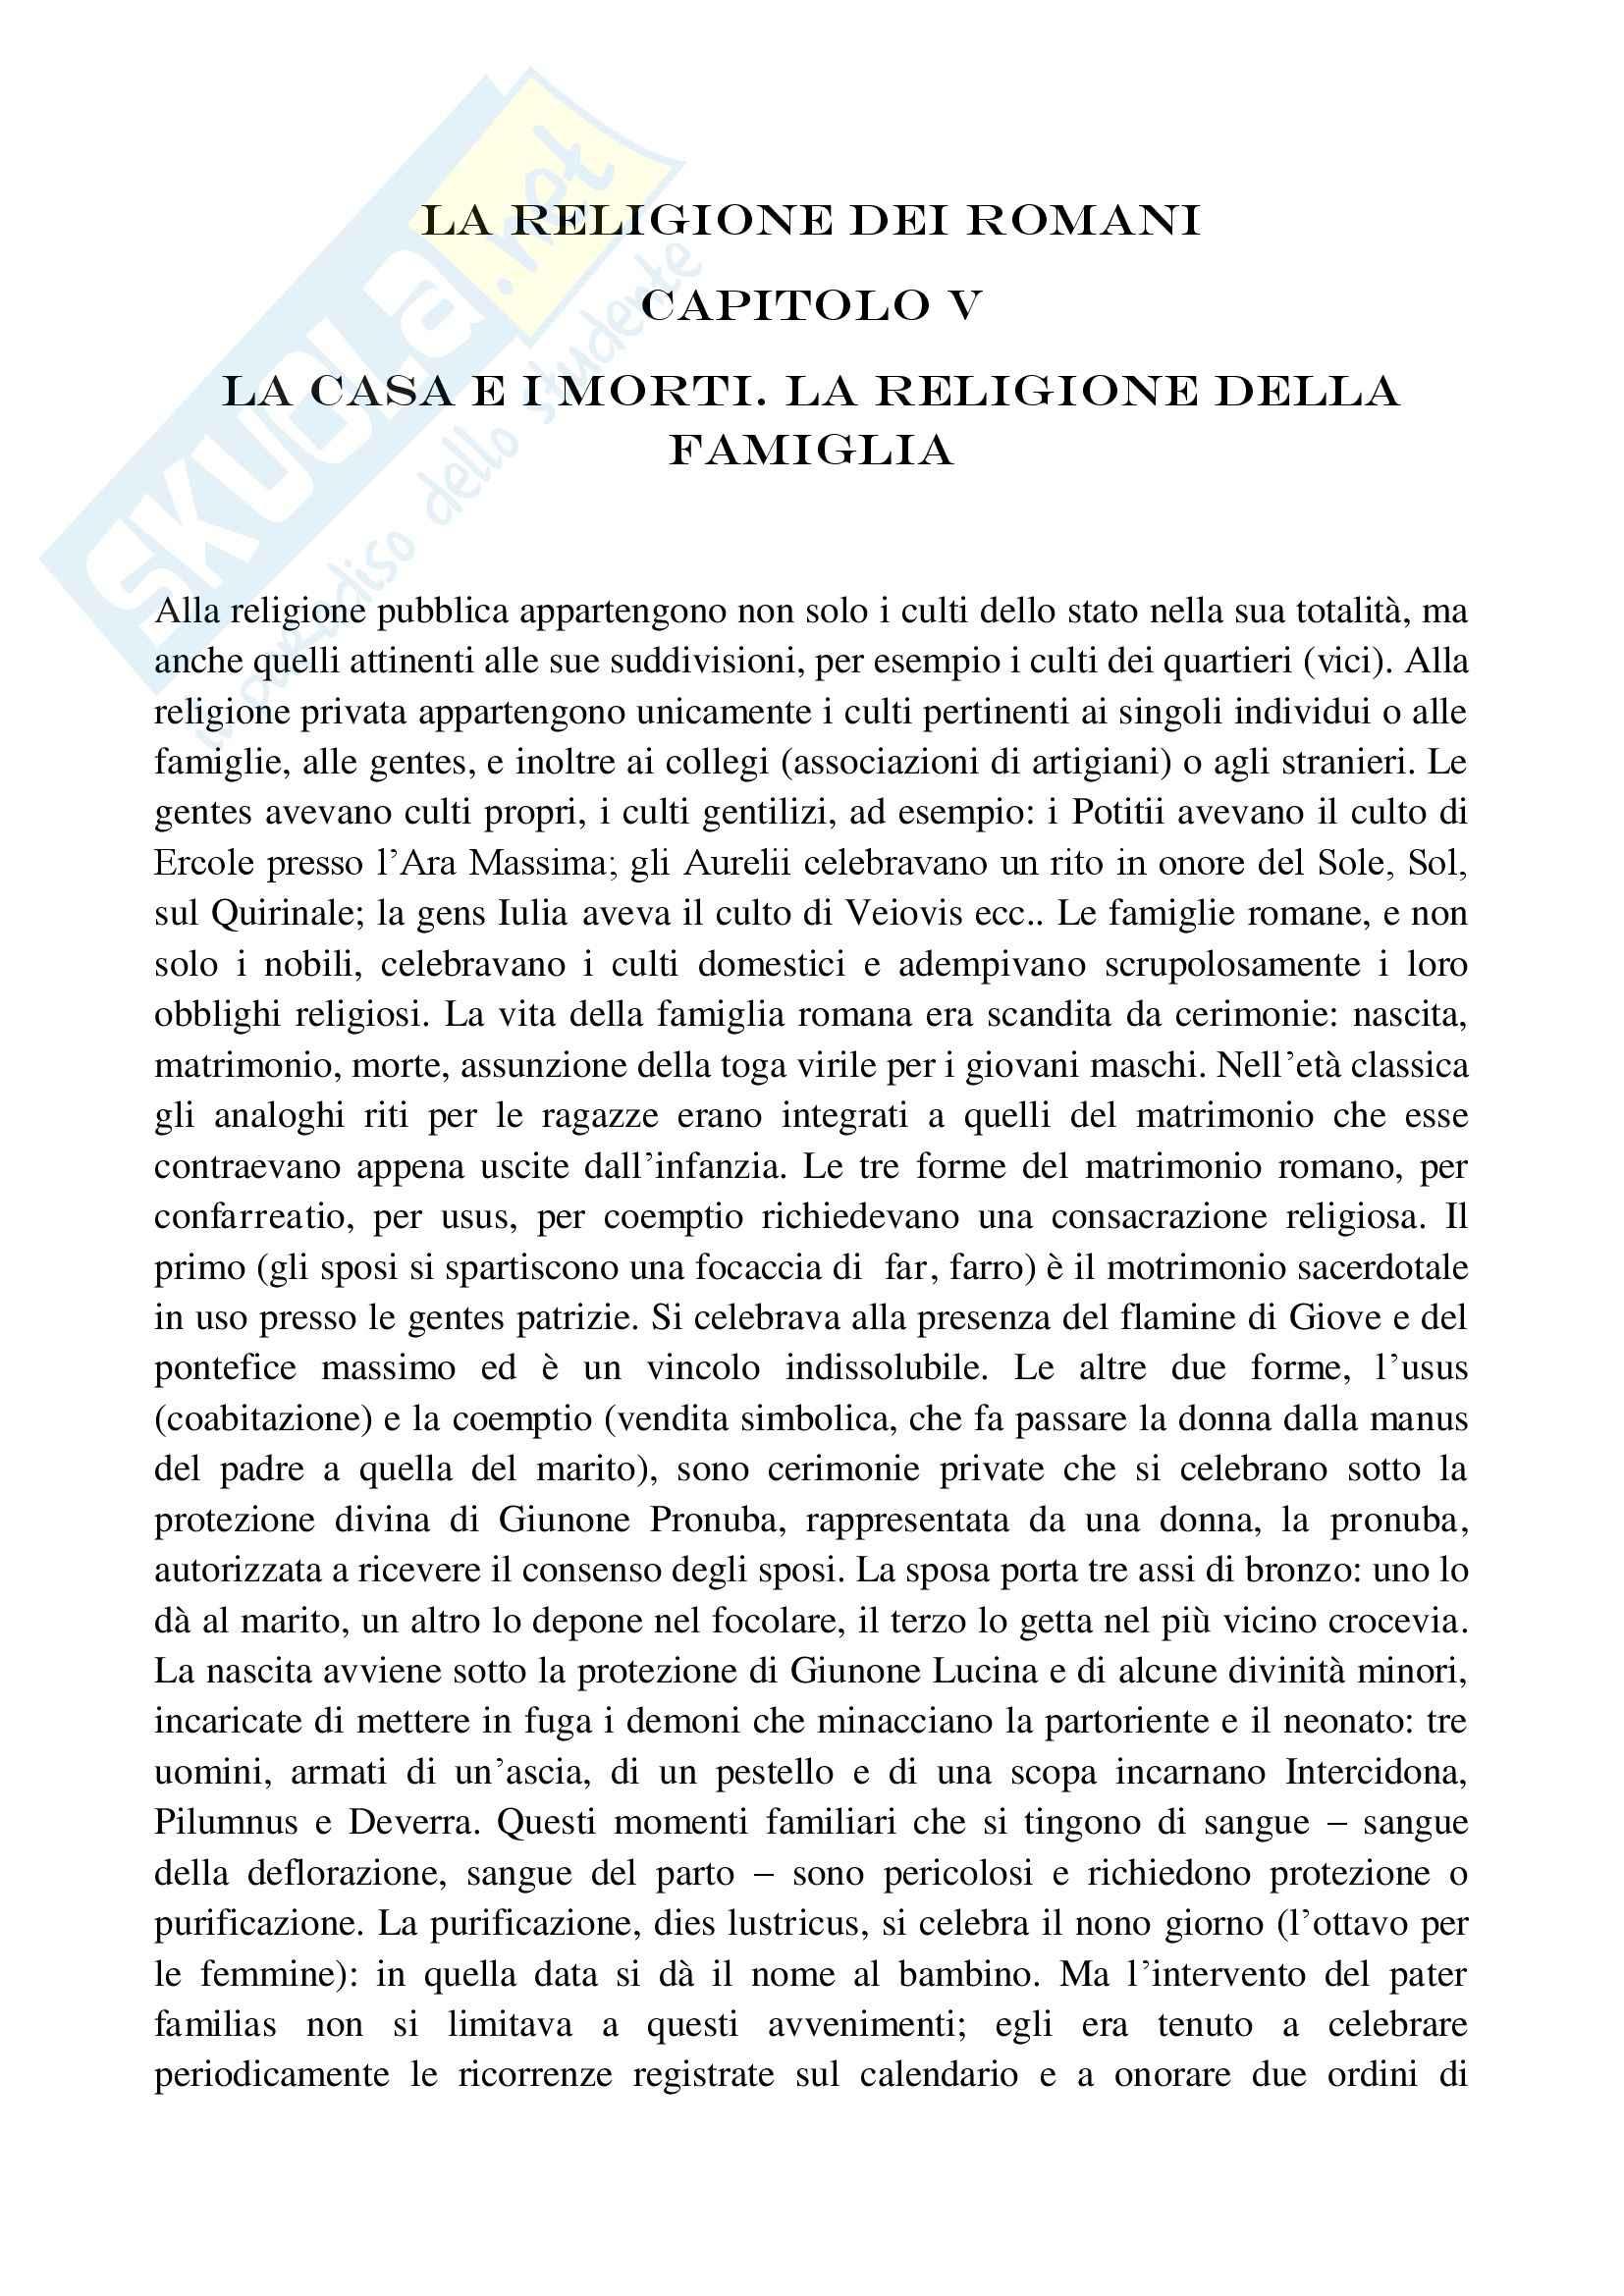 Riassunto esame Storia Romana, prof. Messana, libro consigliato La Religione dei Romani, Champeux - cap 5